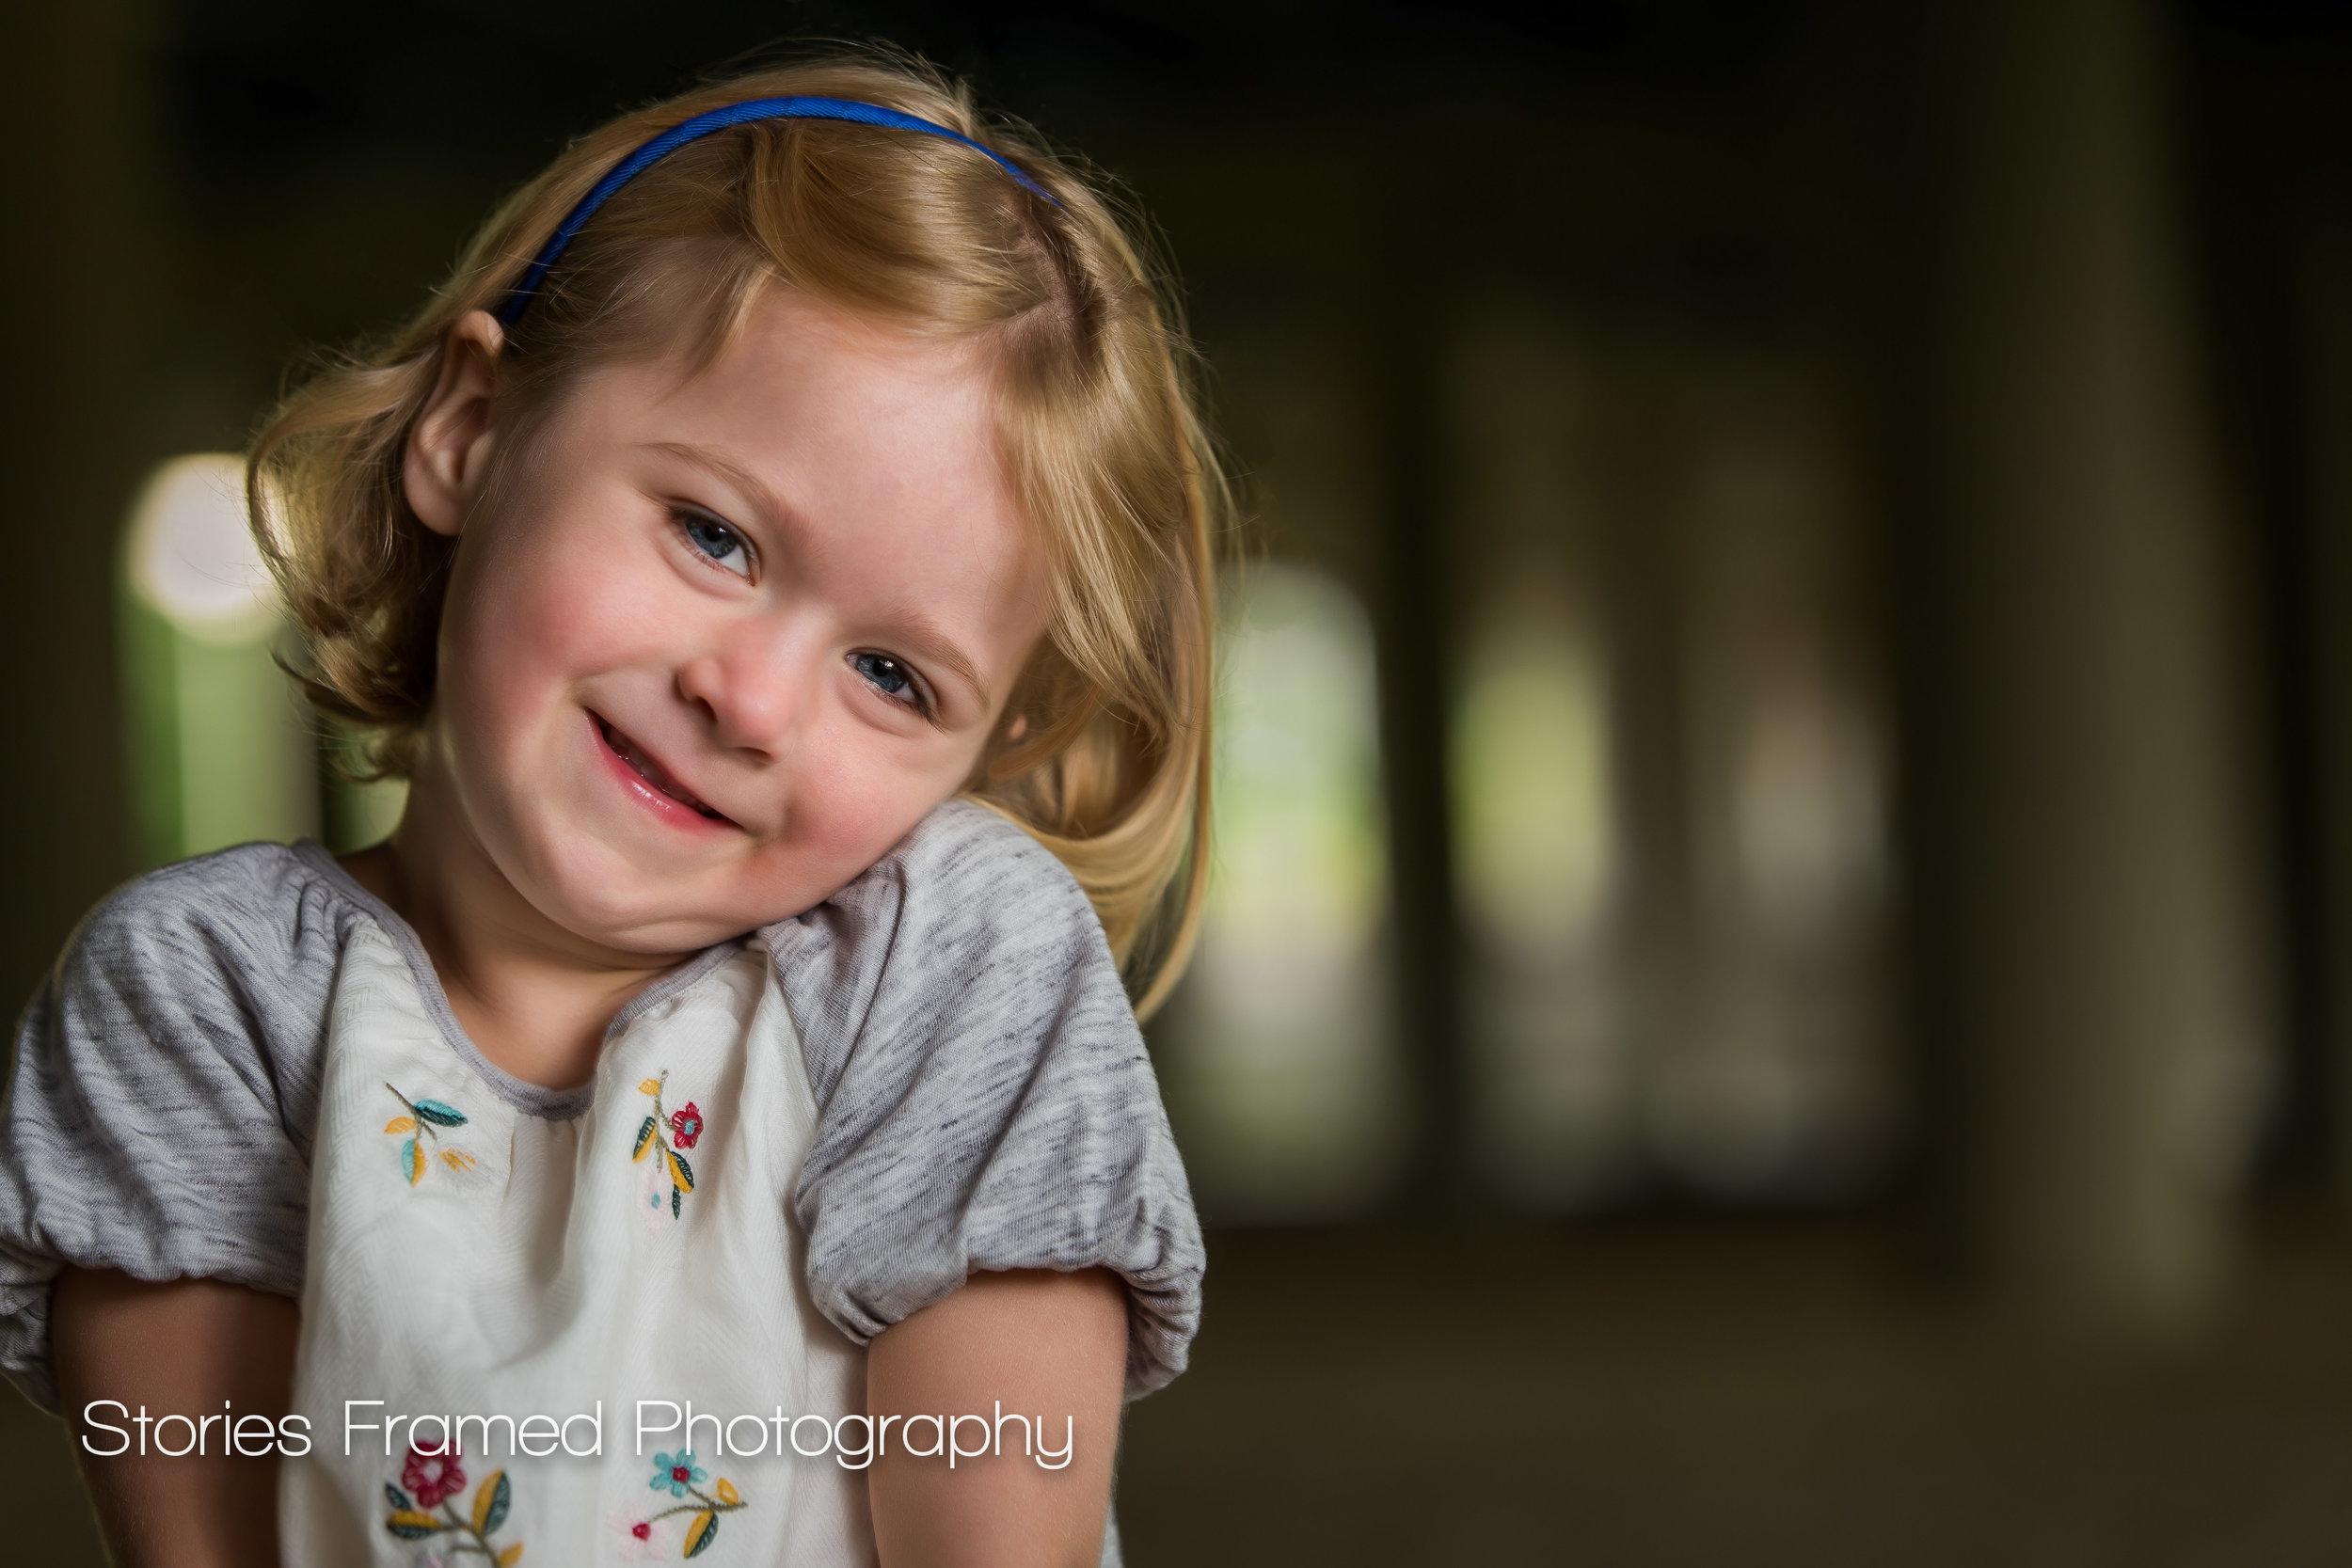 Wauwatosa Child Photography little girl shrugs